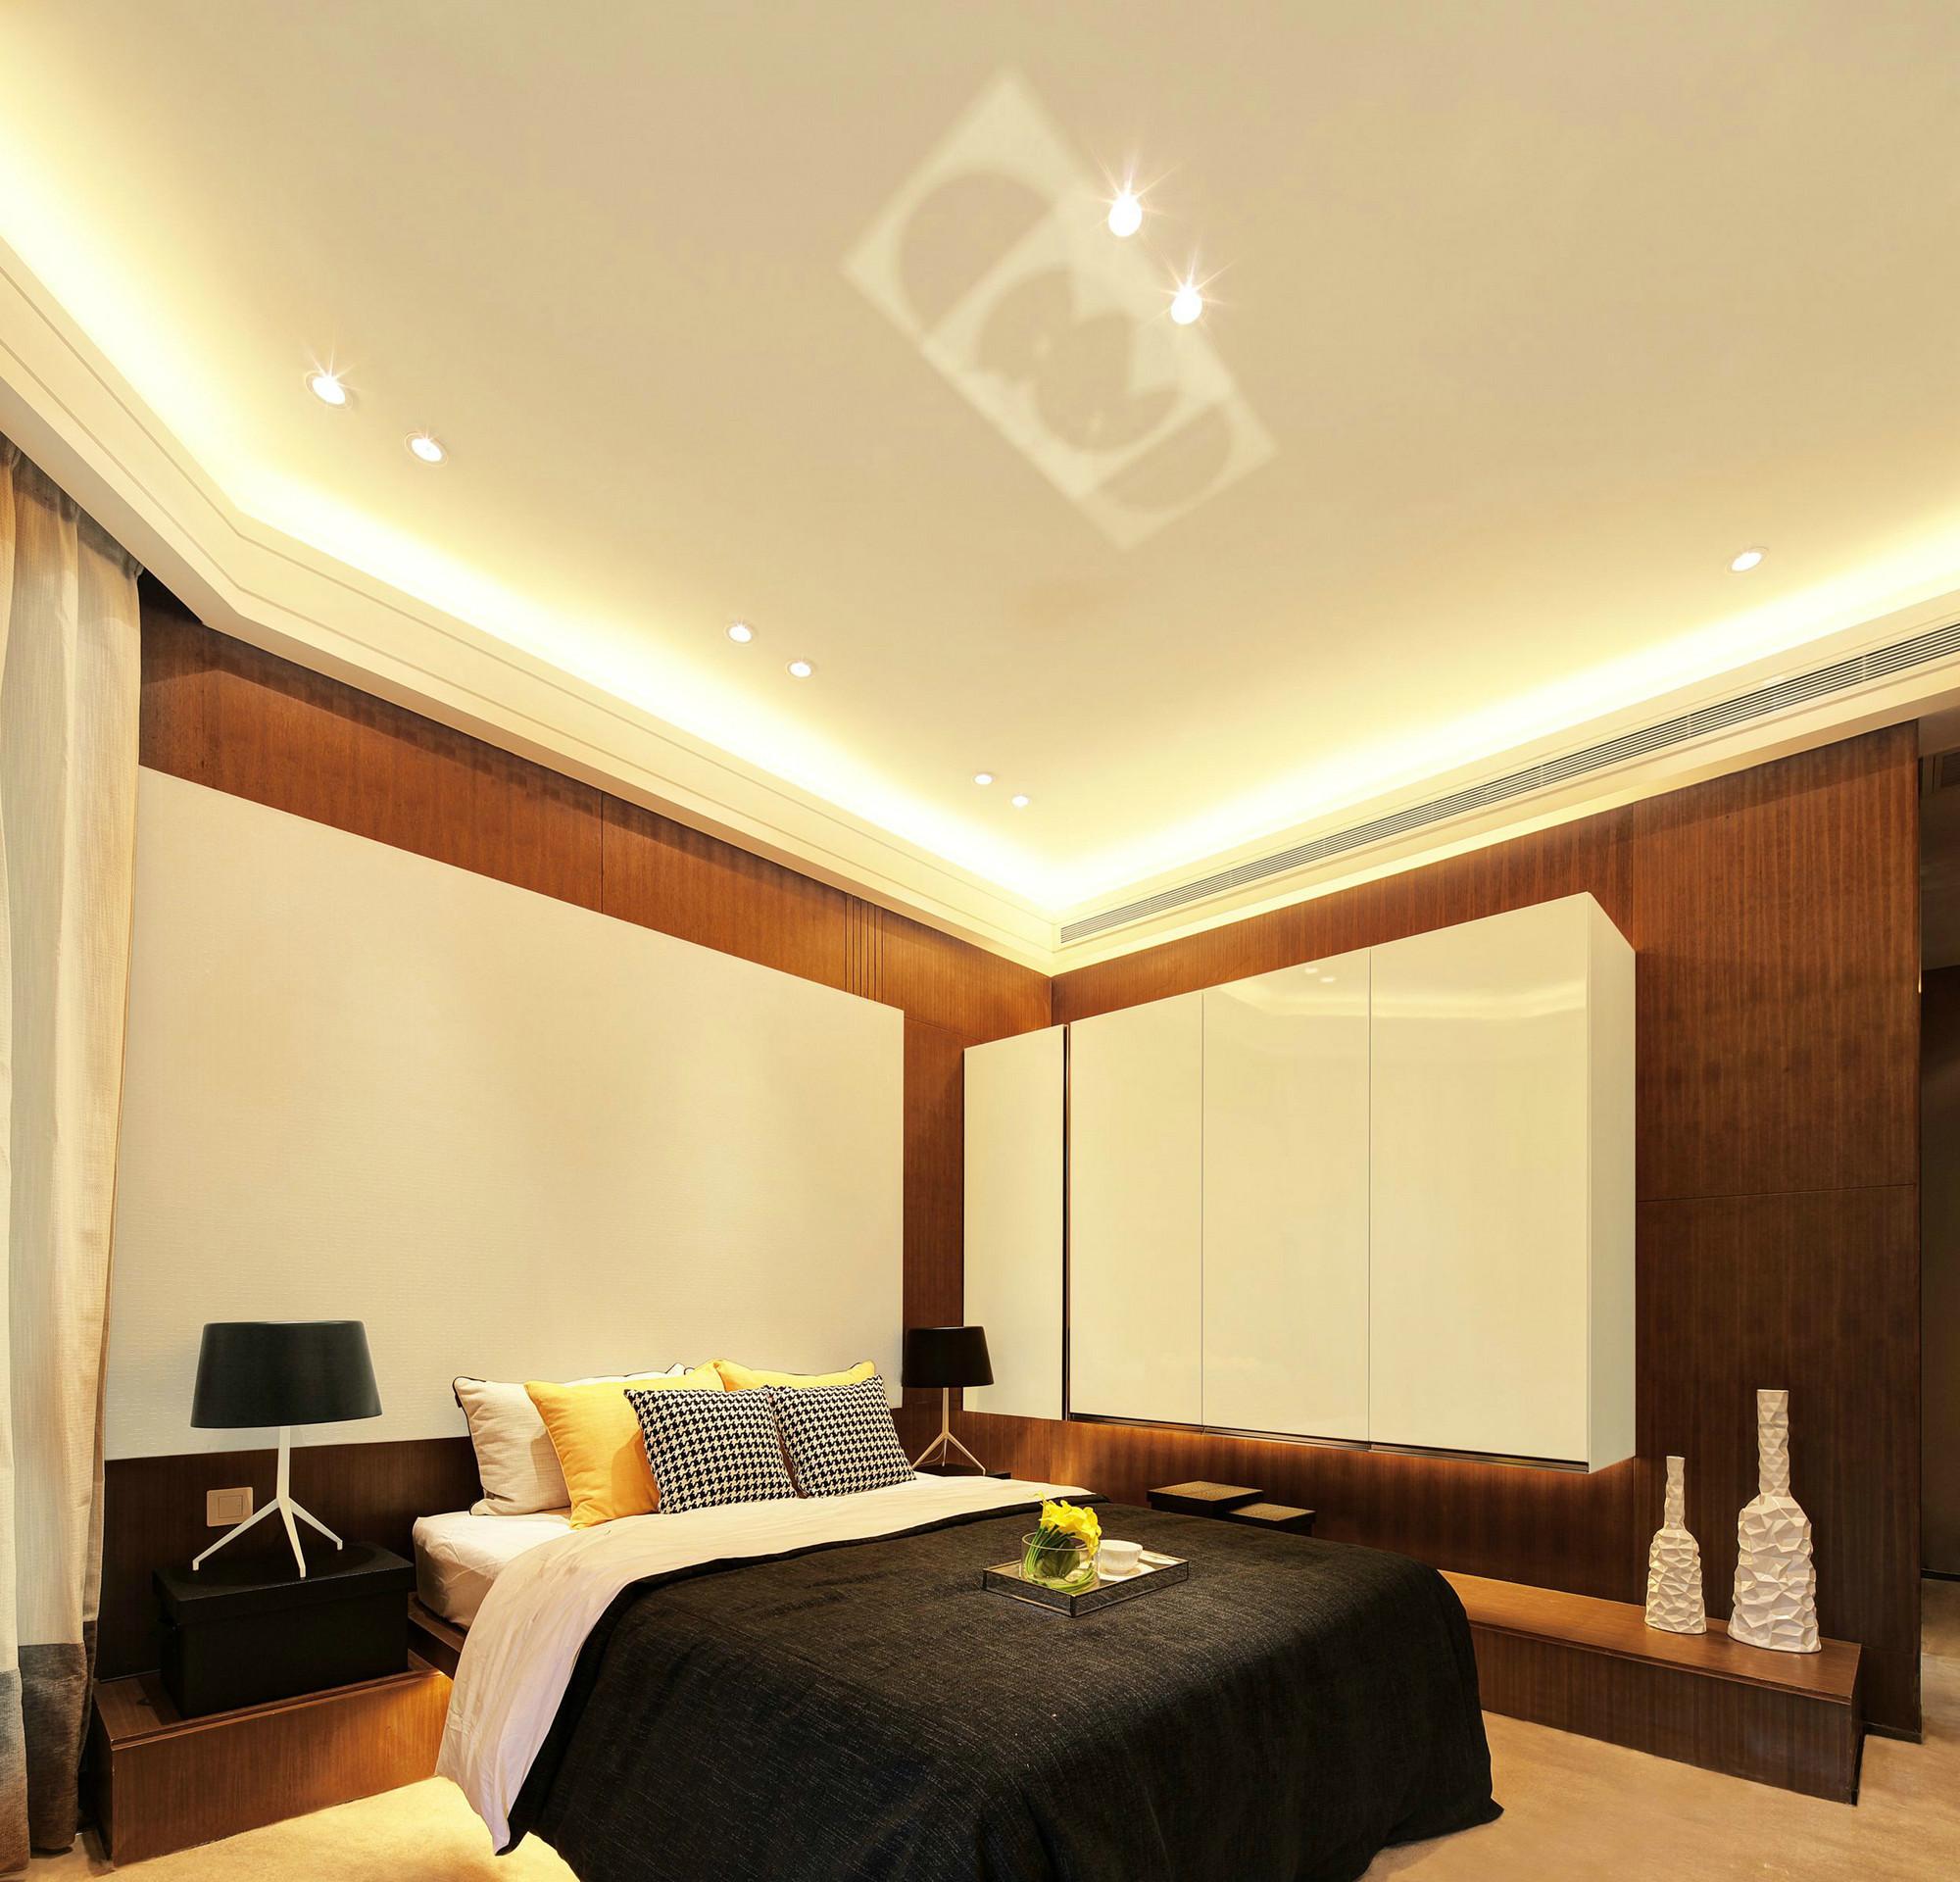 次卧背景墙的设计以及顶部的精致小灯的装饰,格外简约大气